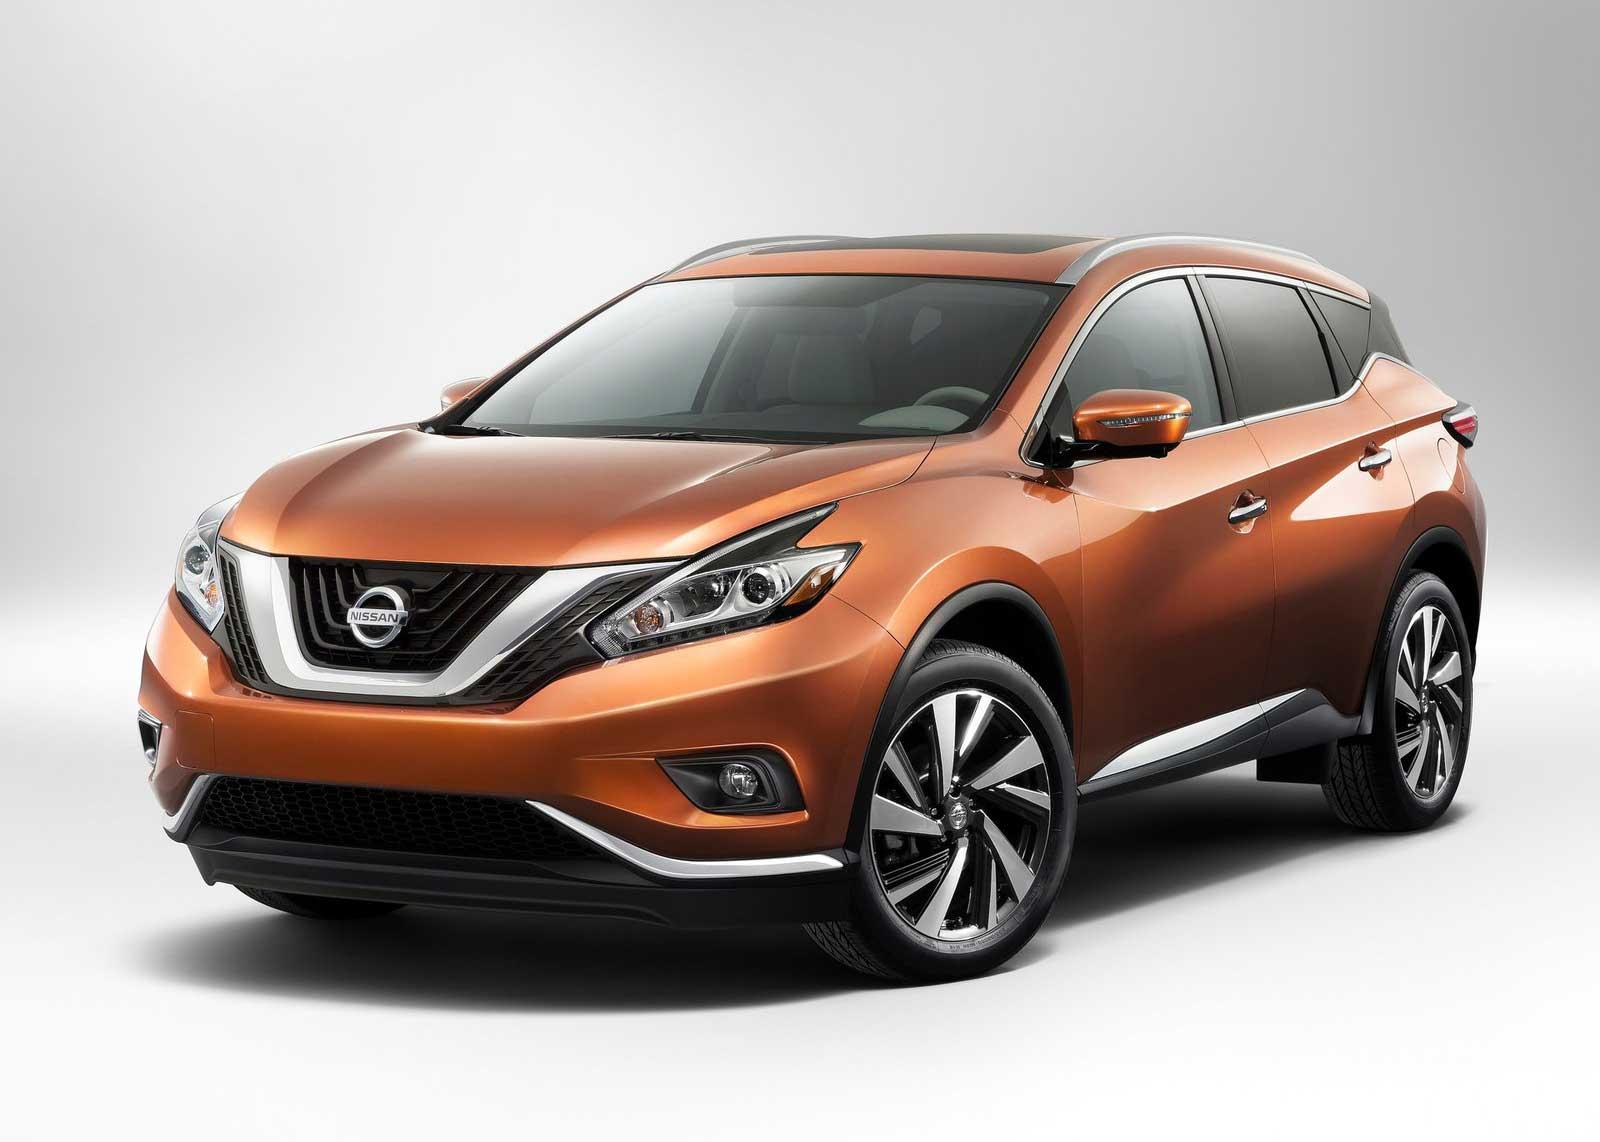 Yeni Nissan Murano 2015: rəsmən təqdim olundu